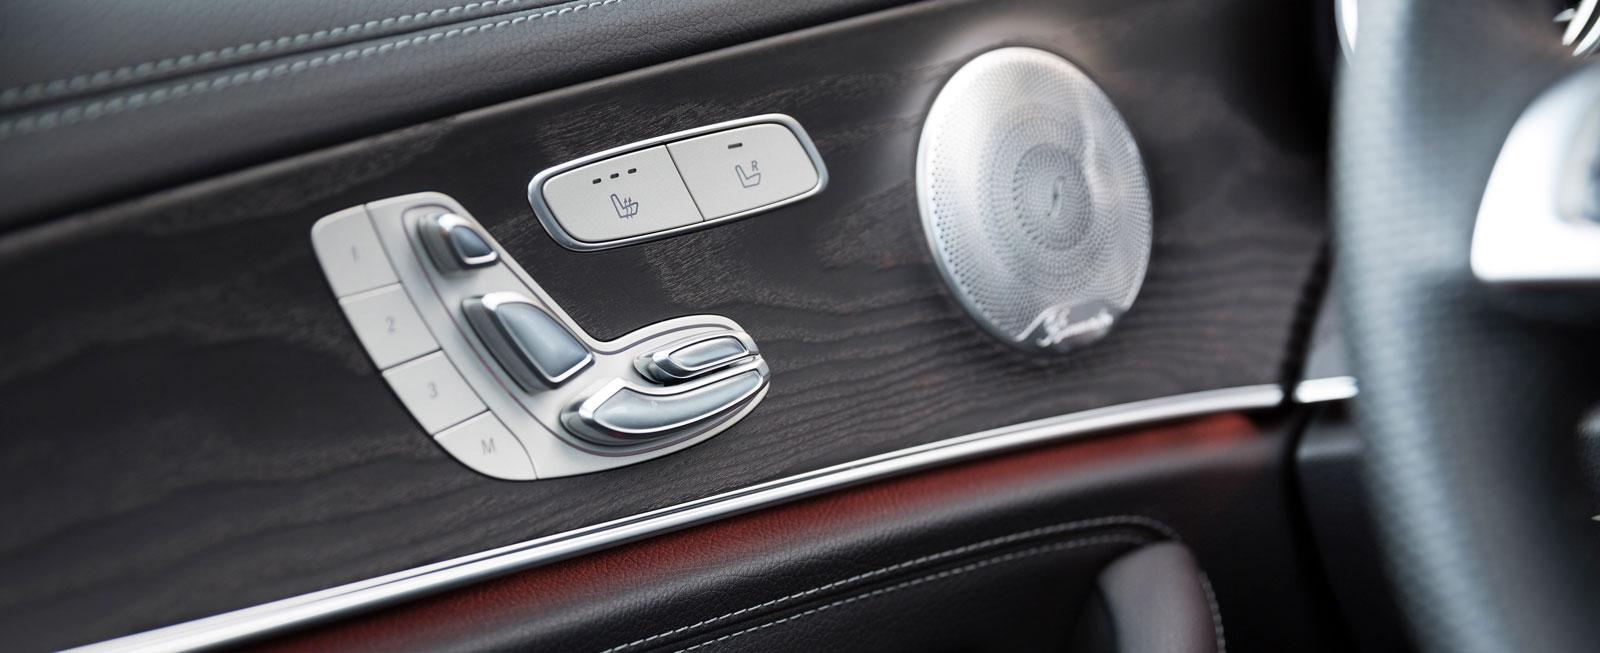 Med små touch-reglage i ratten kan hela mediesystemet styras. Så mycket smidigare kan det inte bli!